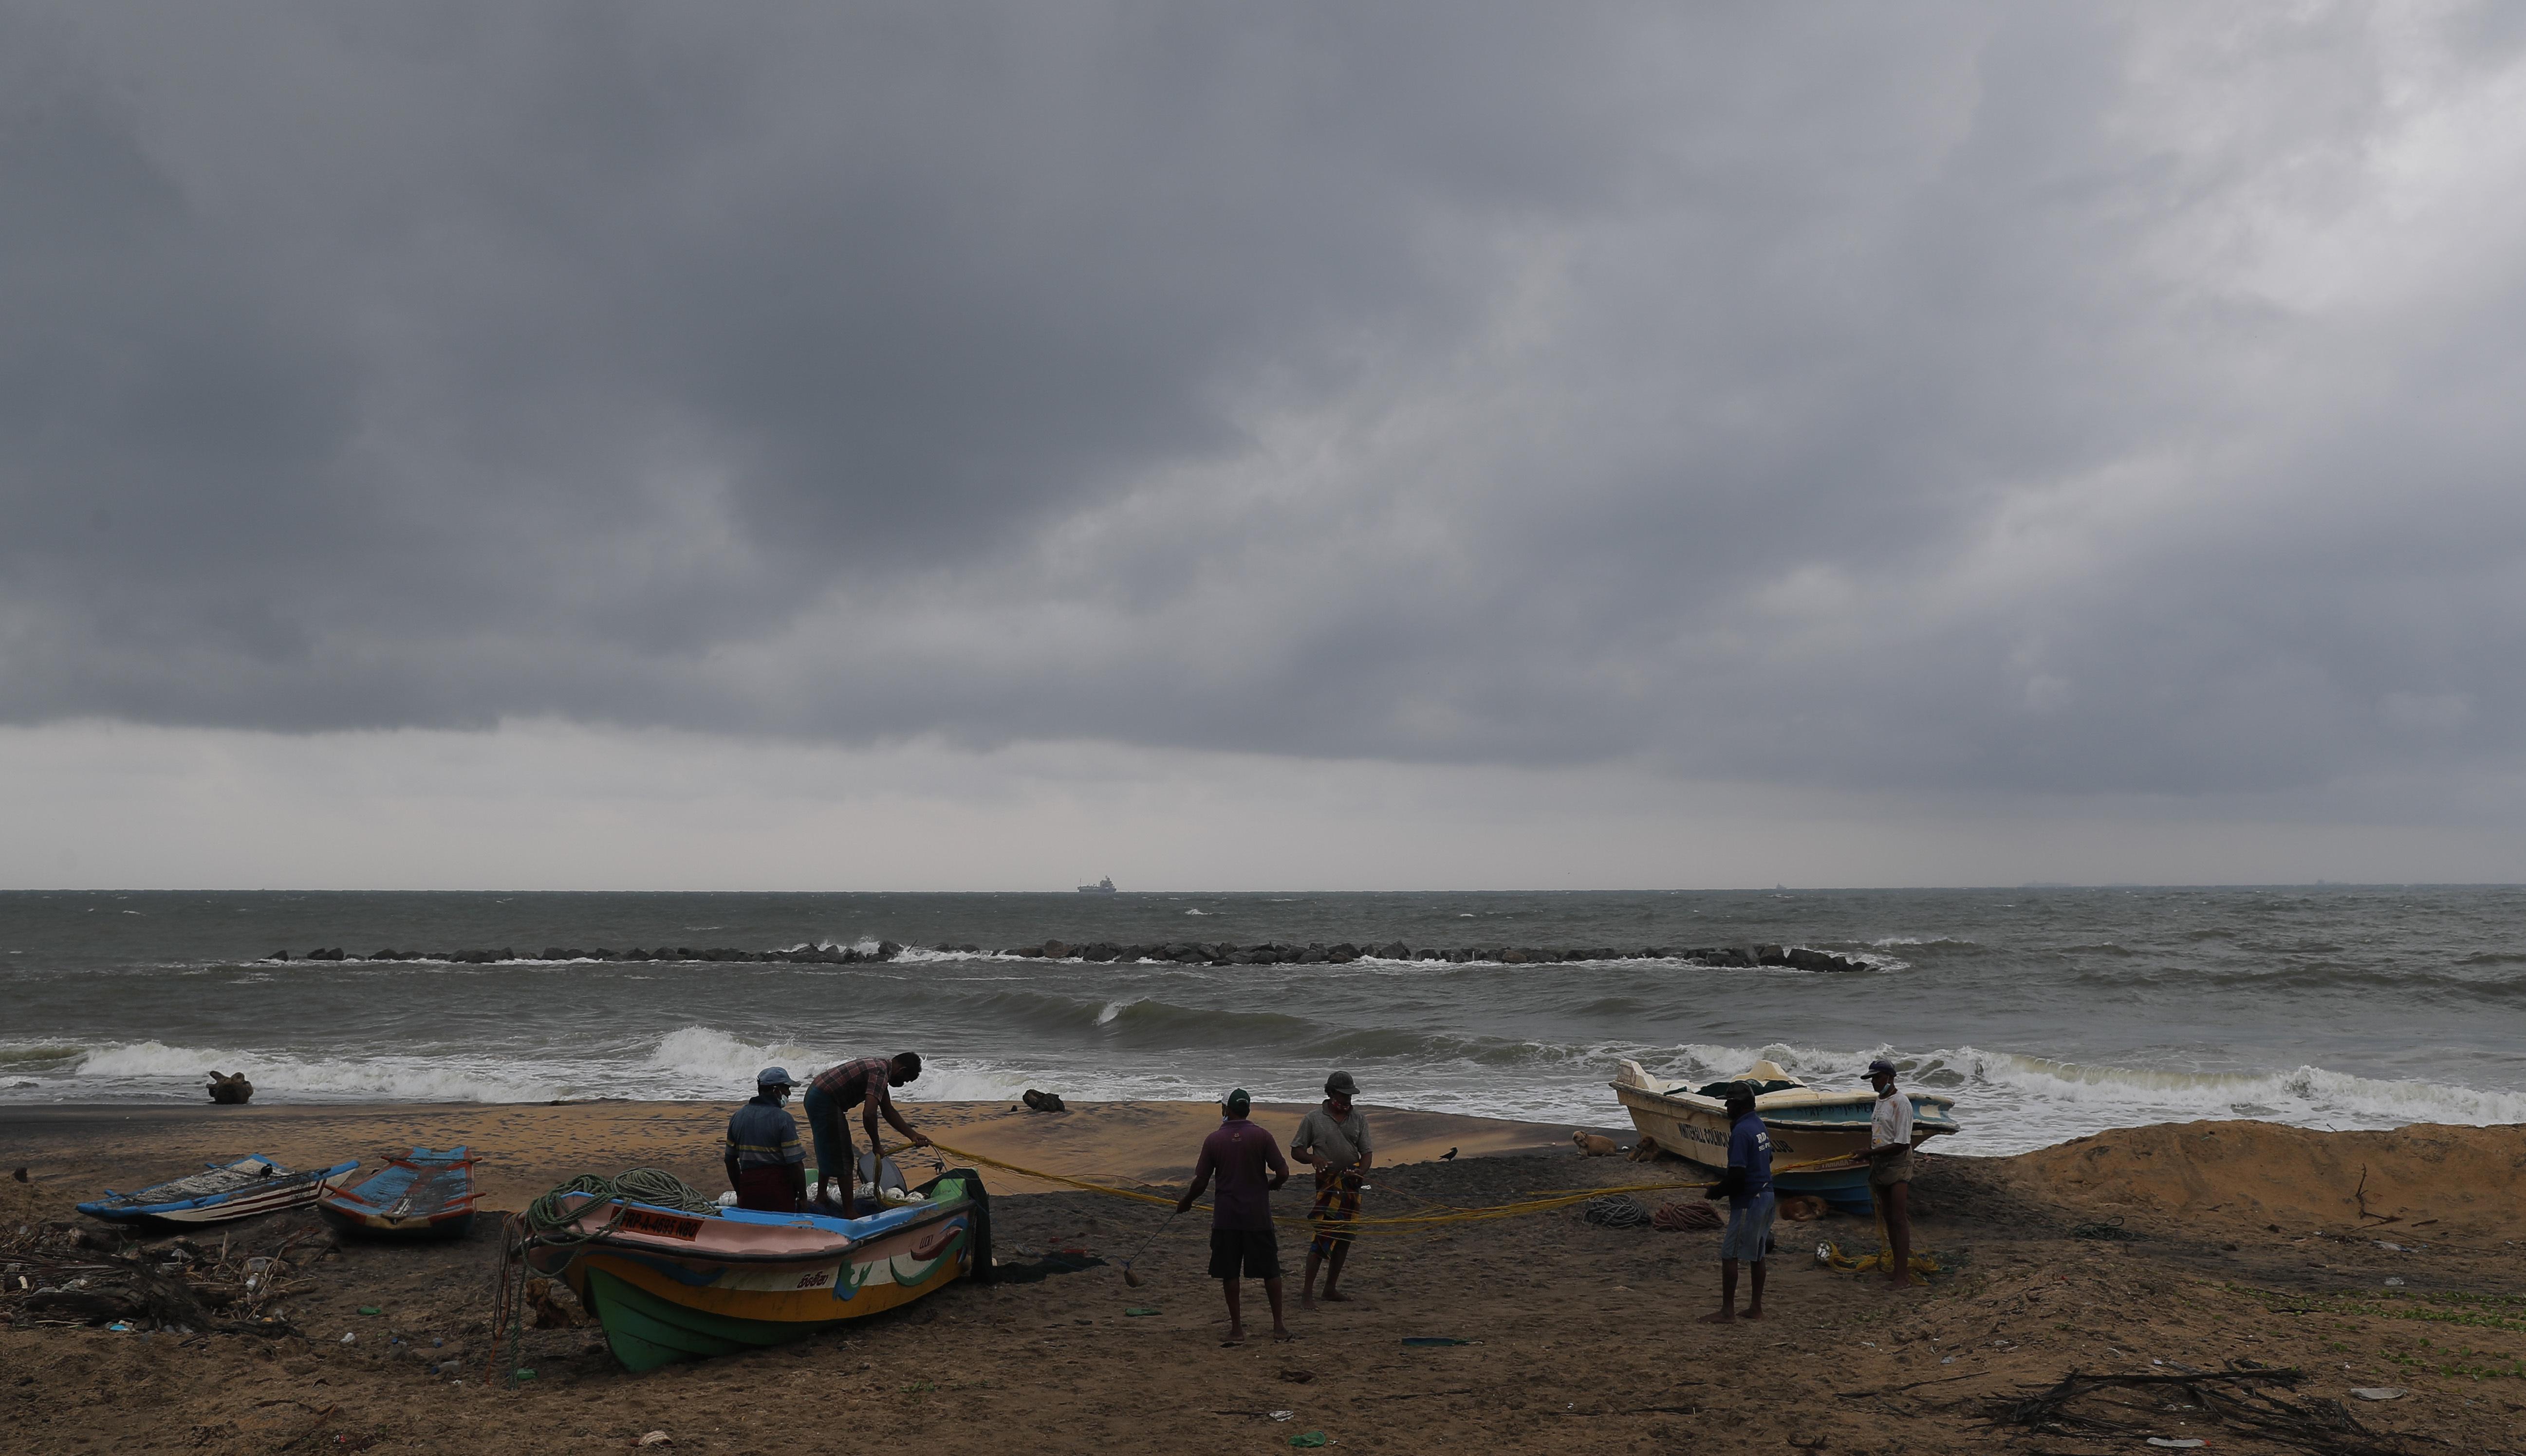 Šri Lanka: Evakuisano 75.000 ljudi u očekivanju ciklona